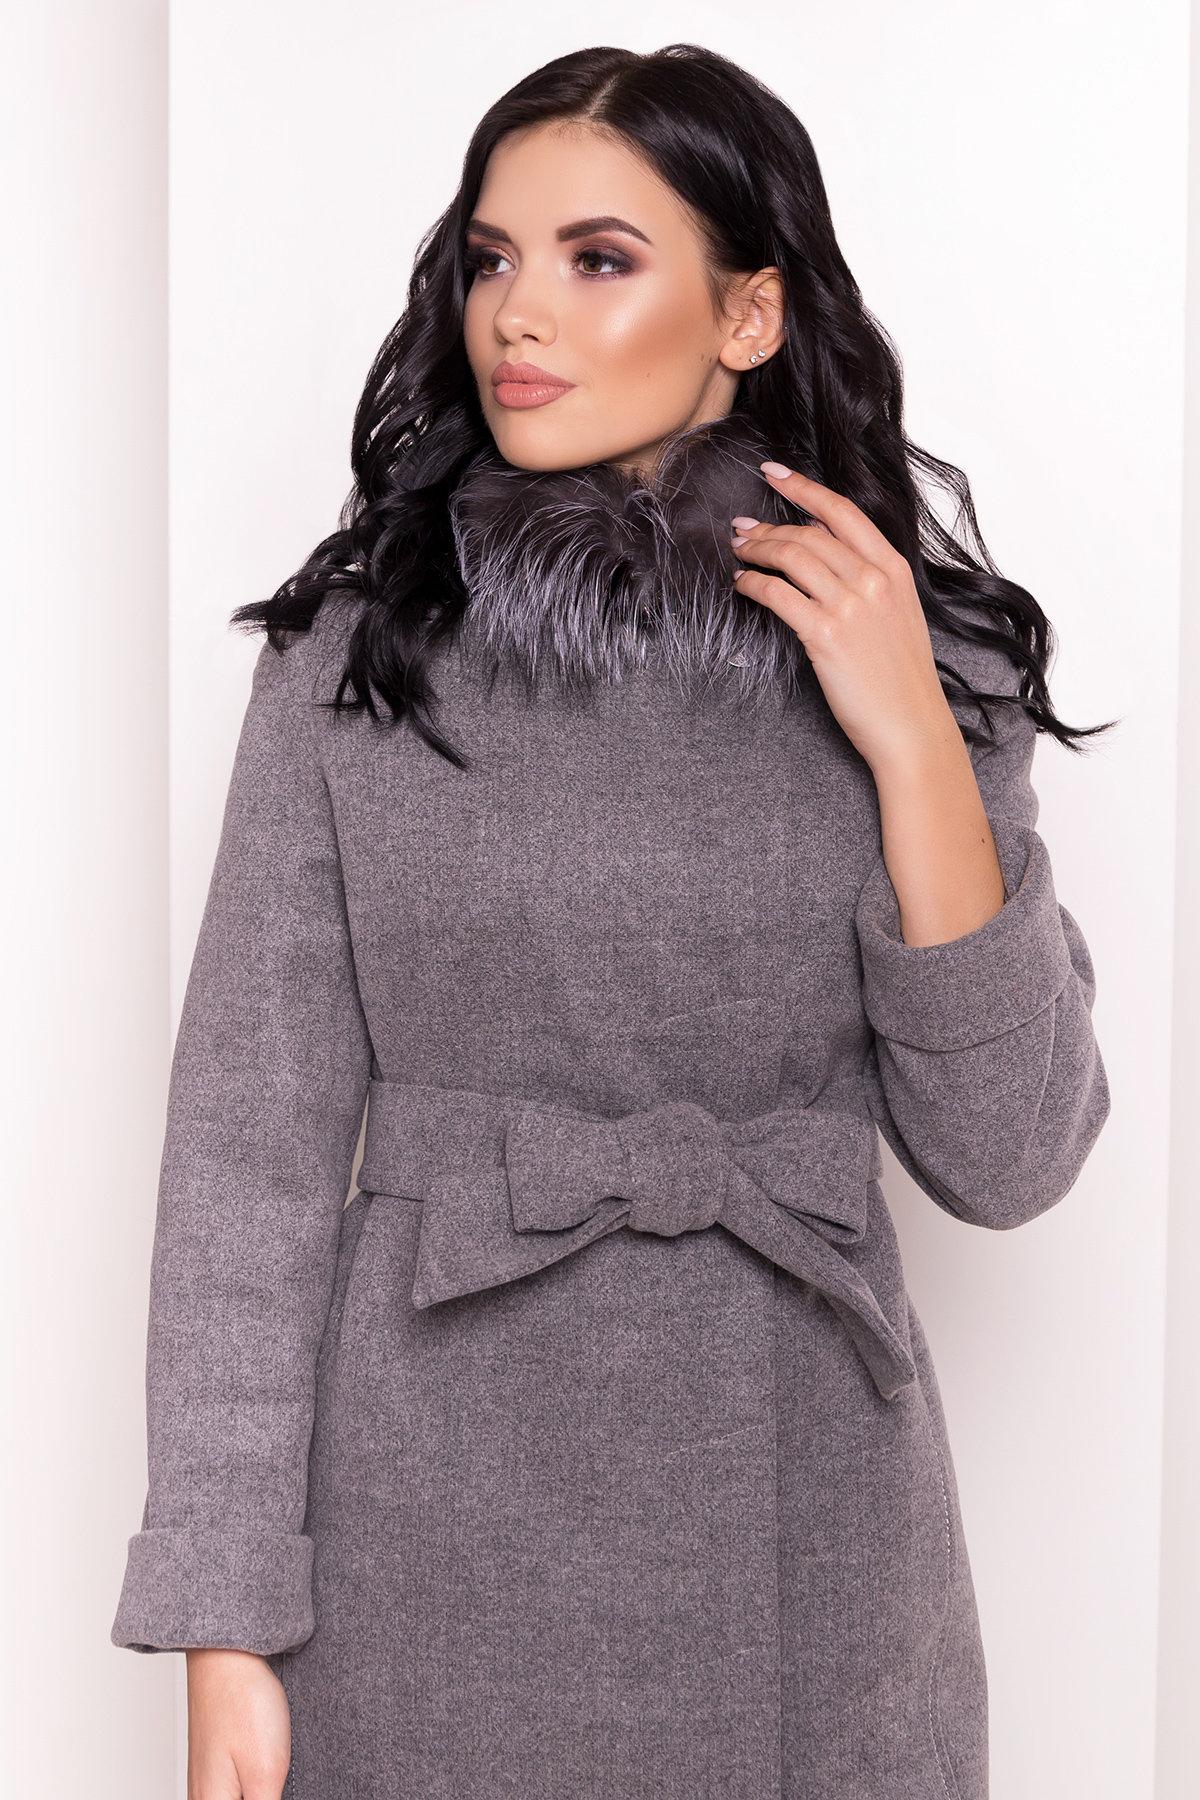 Зимнее приталенное пальто с поясом Богема 5706 АРТ. 38000 Цвет: Серый 18 - фото 5, интернет магазин tm-modus.ru